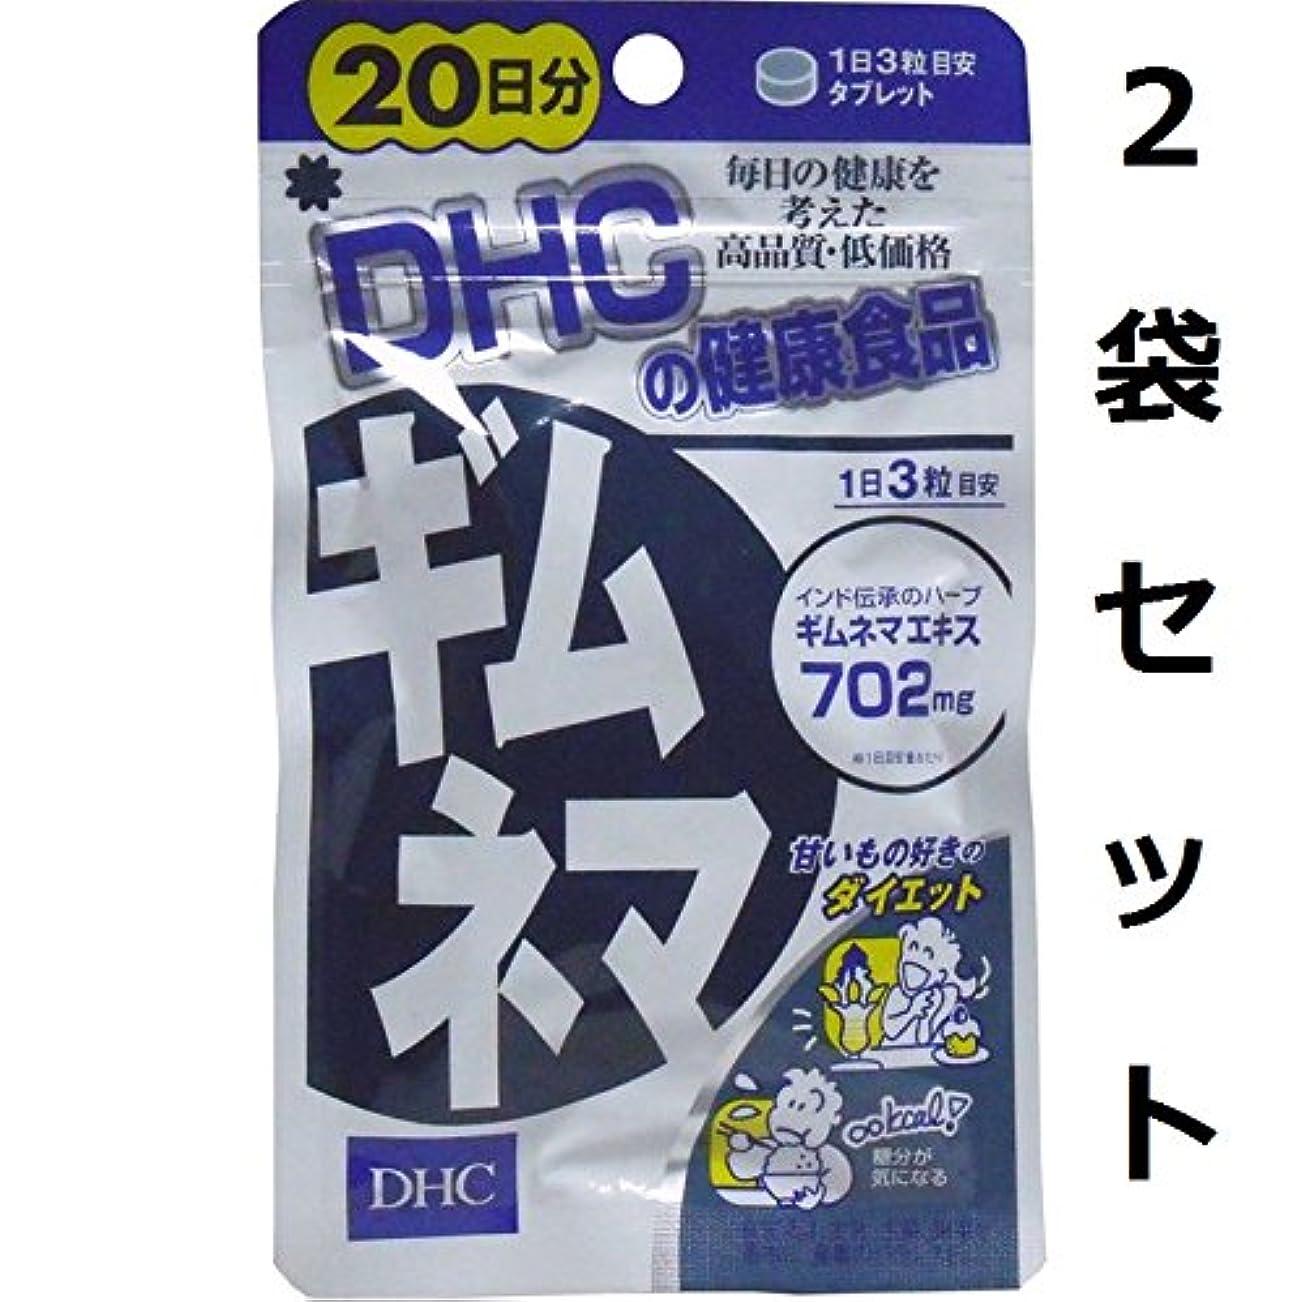 有利警察署天窓糖分や炭水化物を多く摂る人に DHC ギムネマ 20日分 60粒 2袋セット